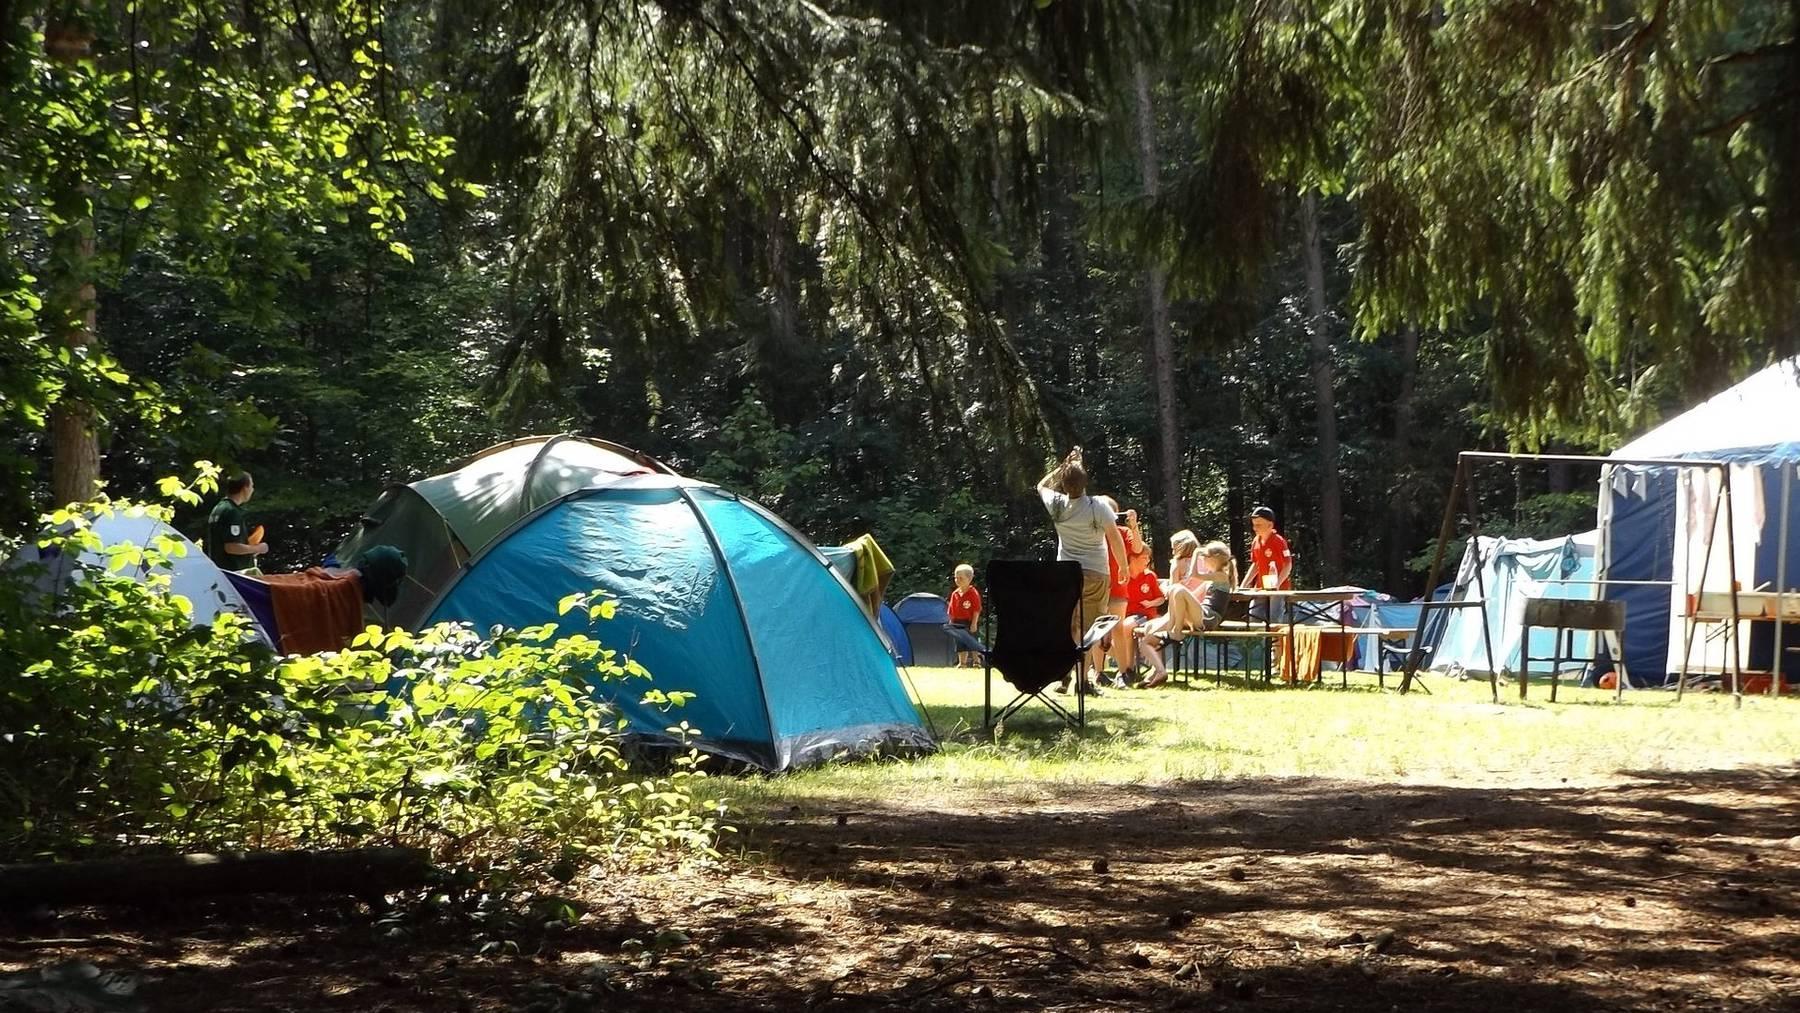 Lagertelefon - Camping, Zelt